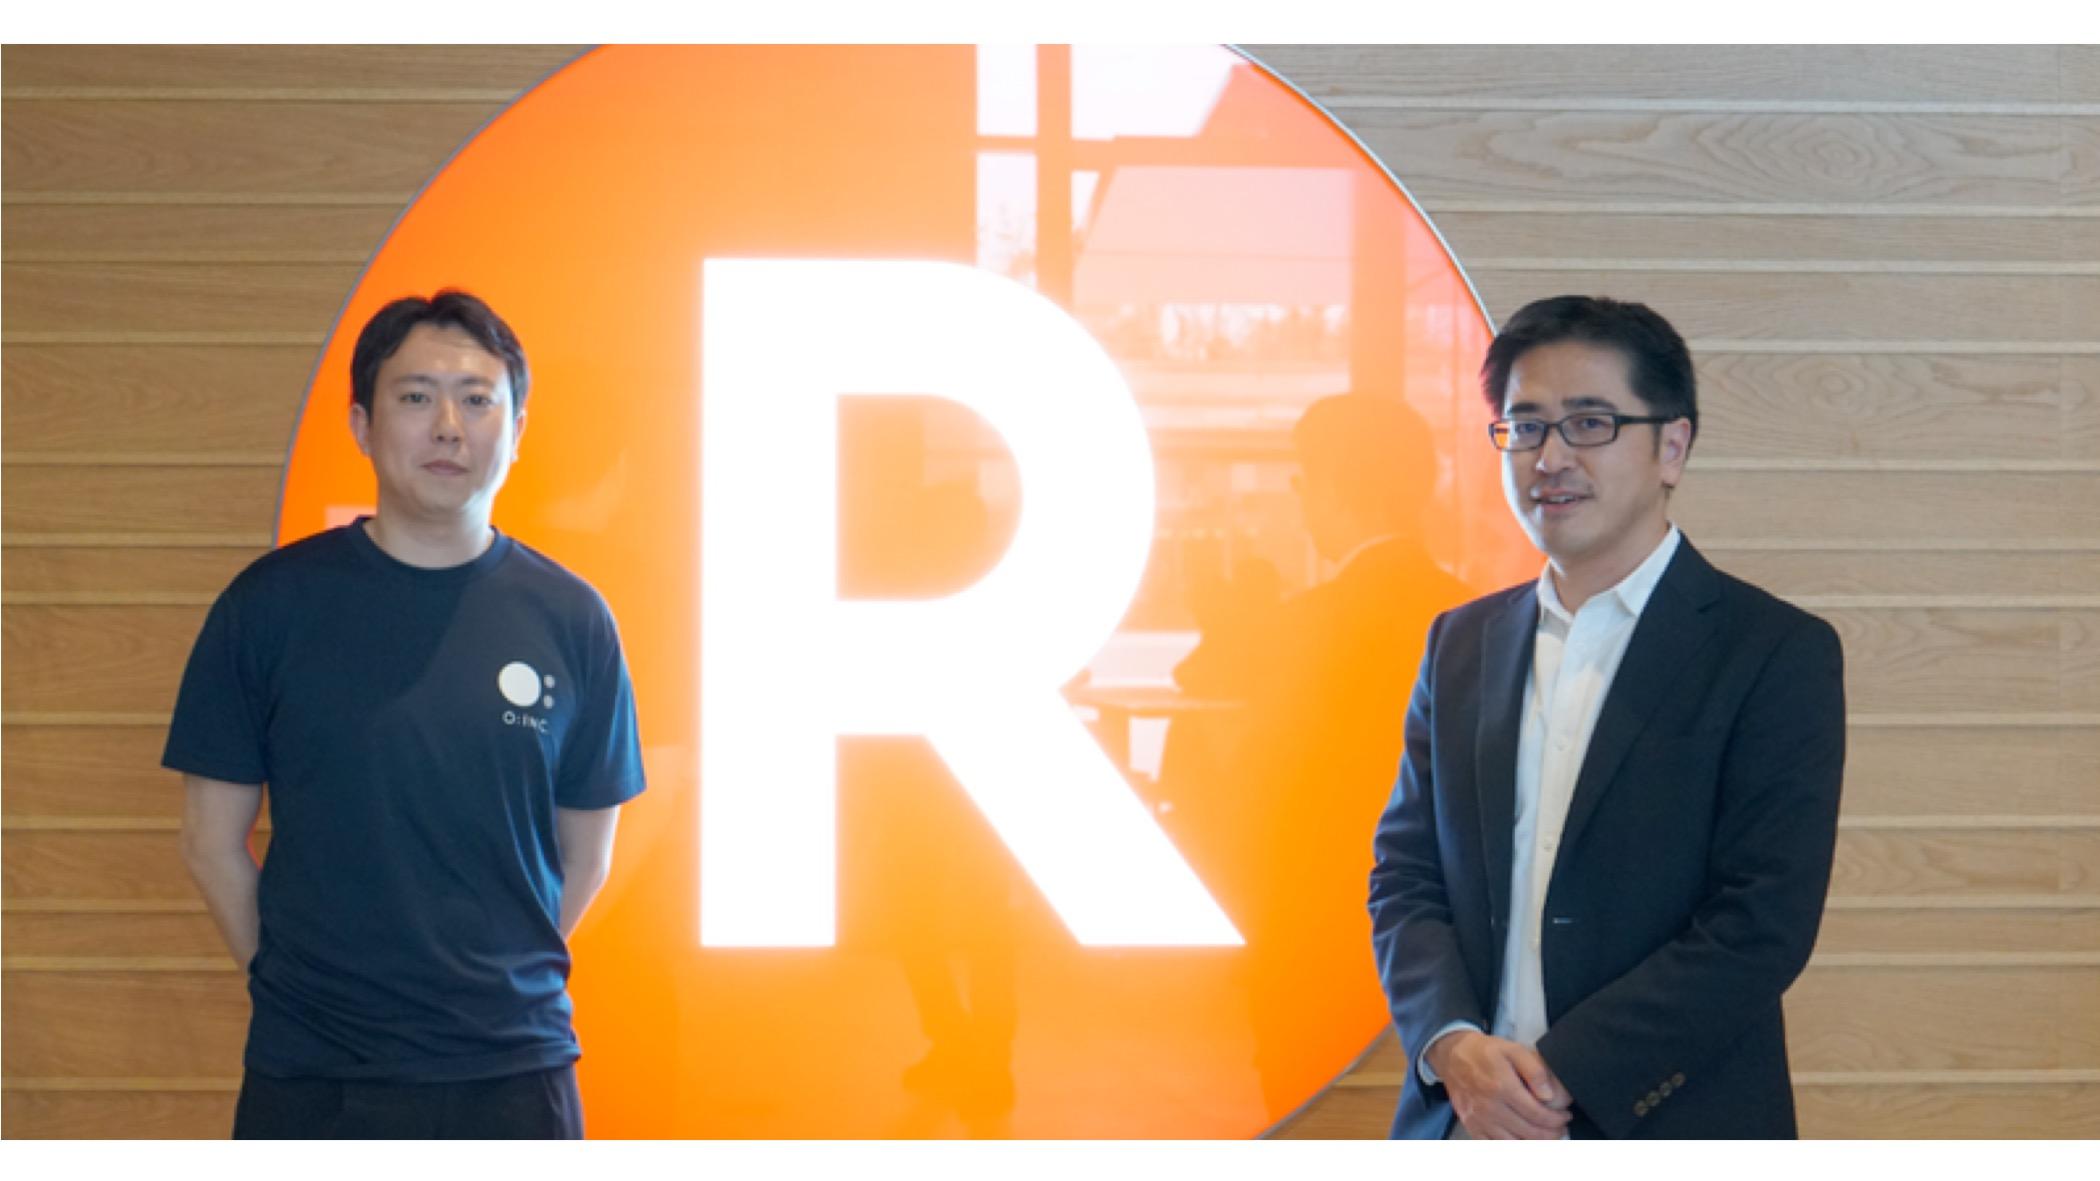 楽天技術研究所/森正弥代表「マーケティングとディープラーニングを結びつける」楽天がAIを使ってECをアップデートする未来